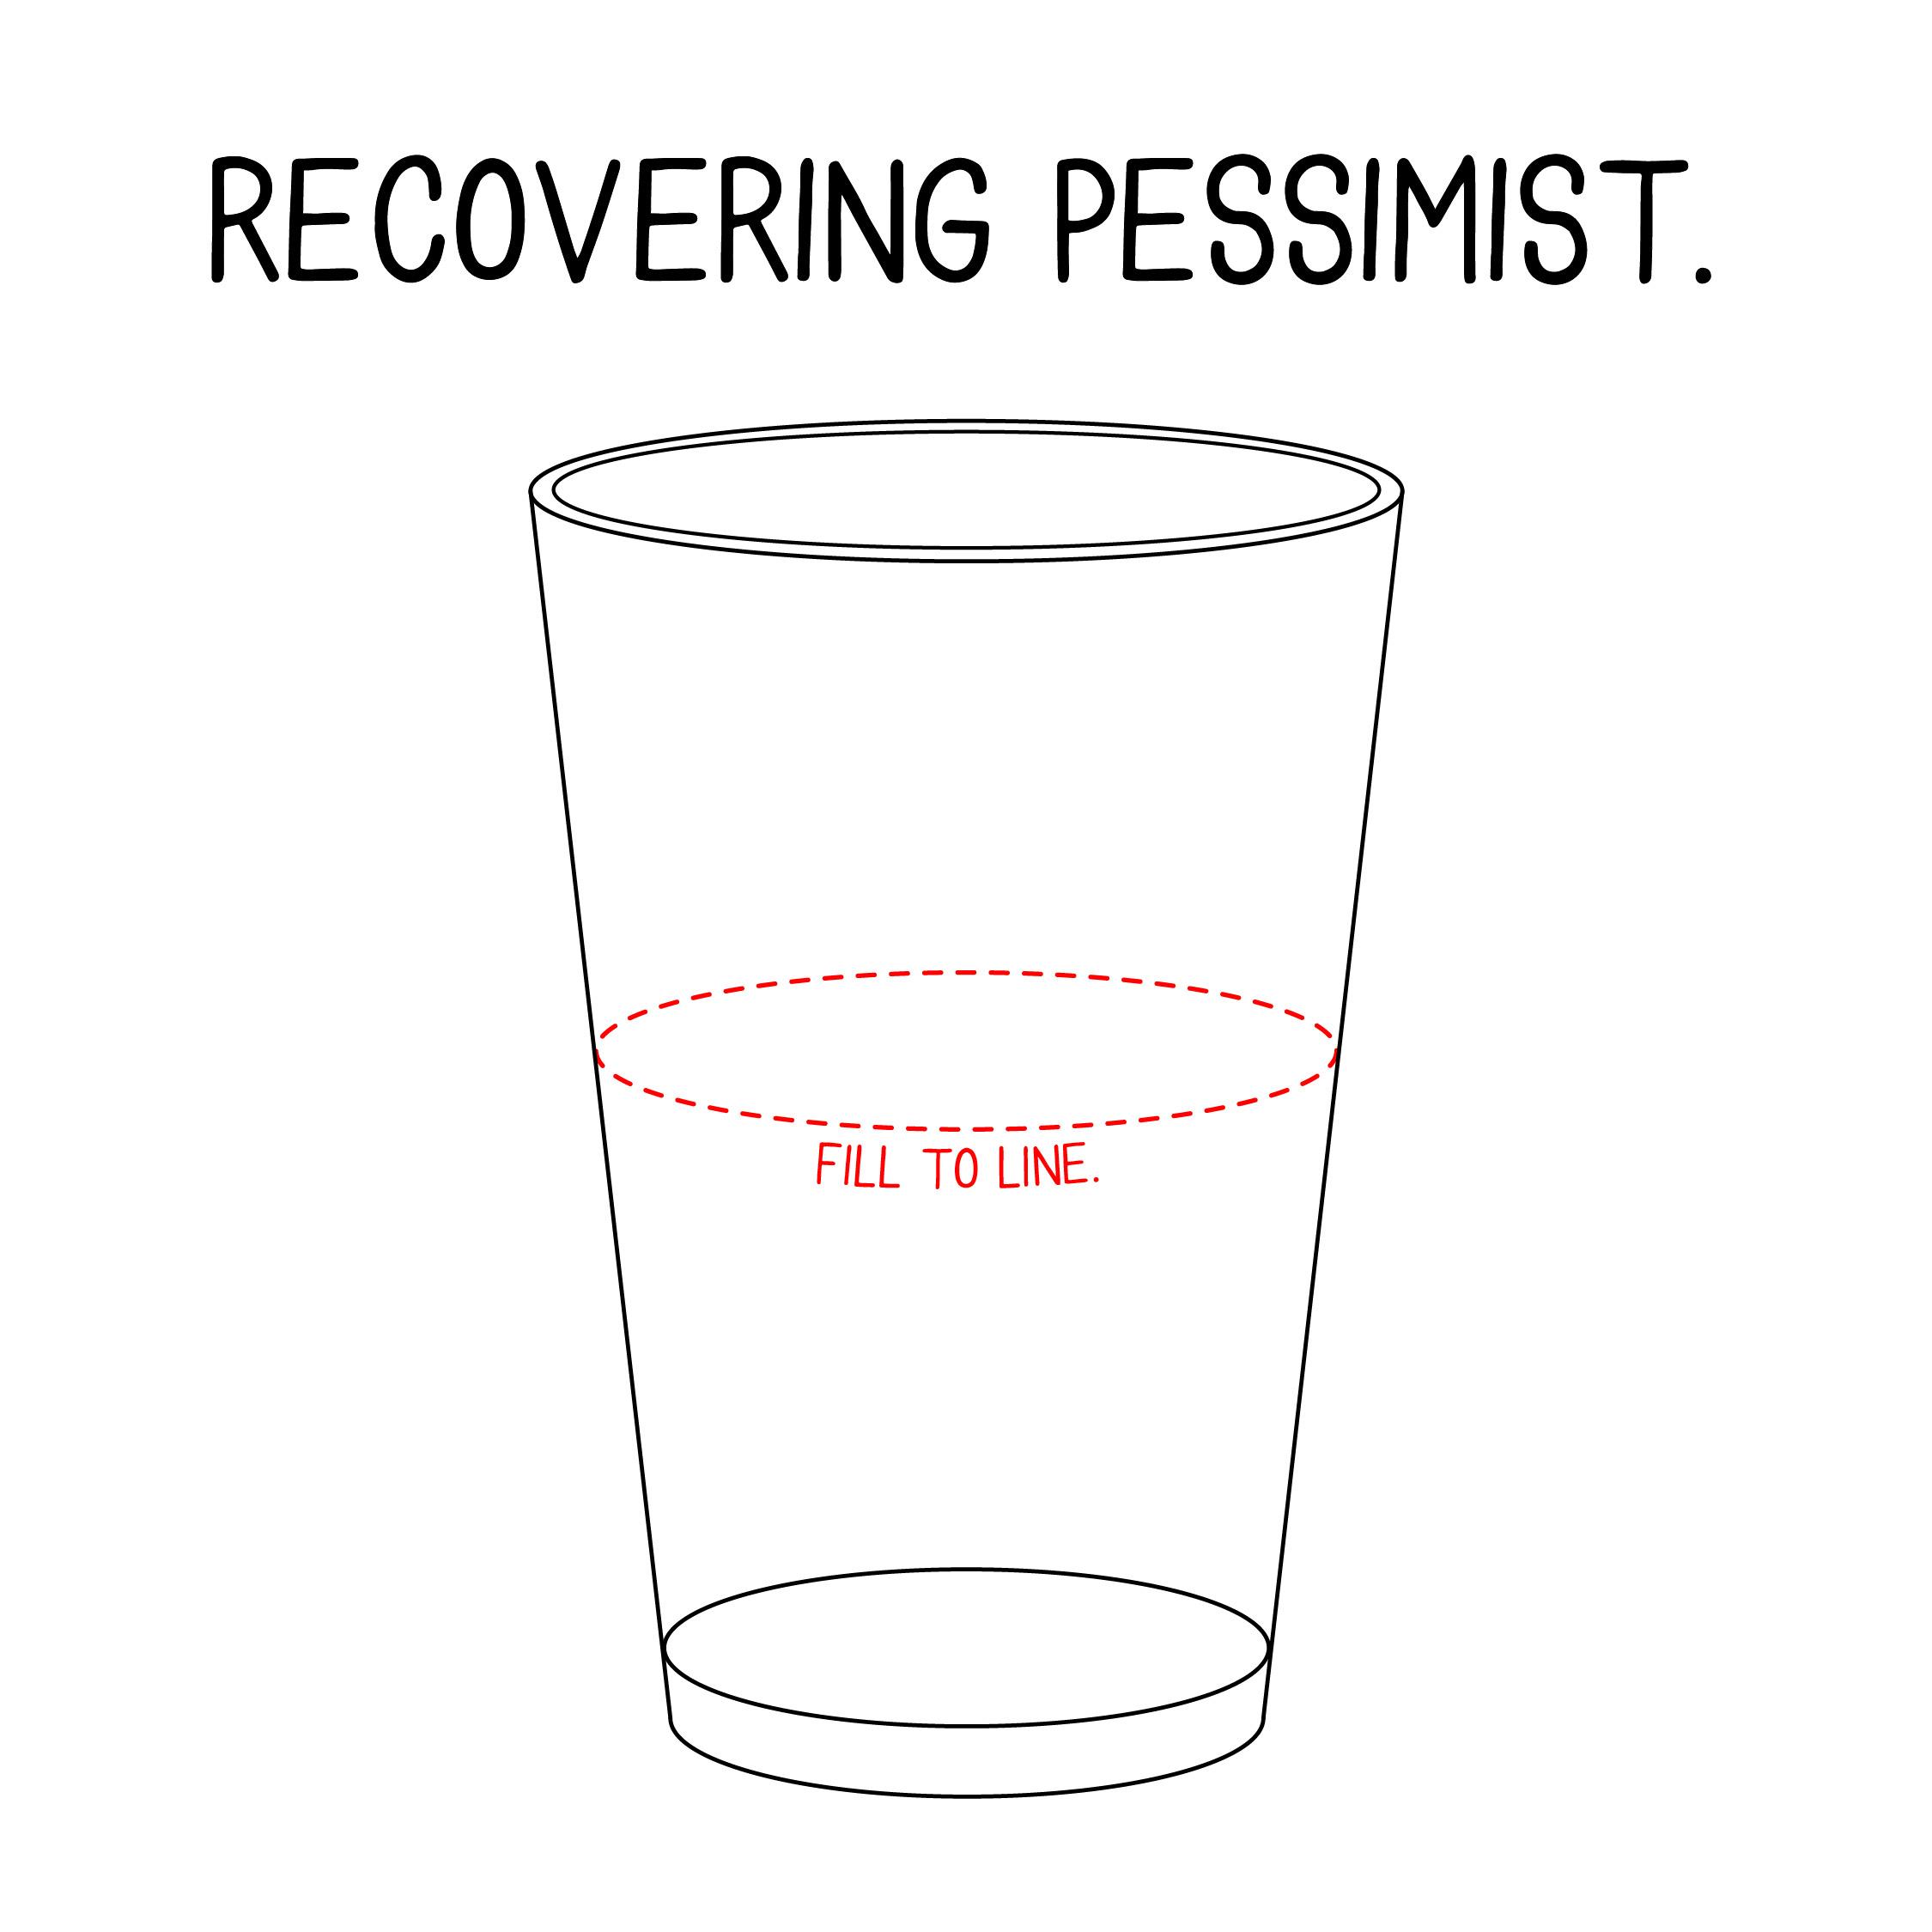 recoveringpessimist-01.jpg